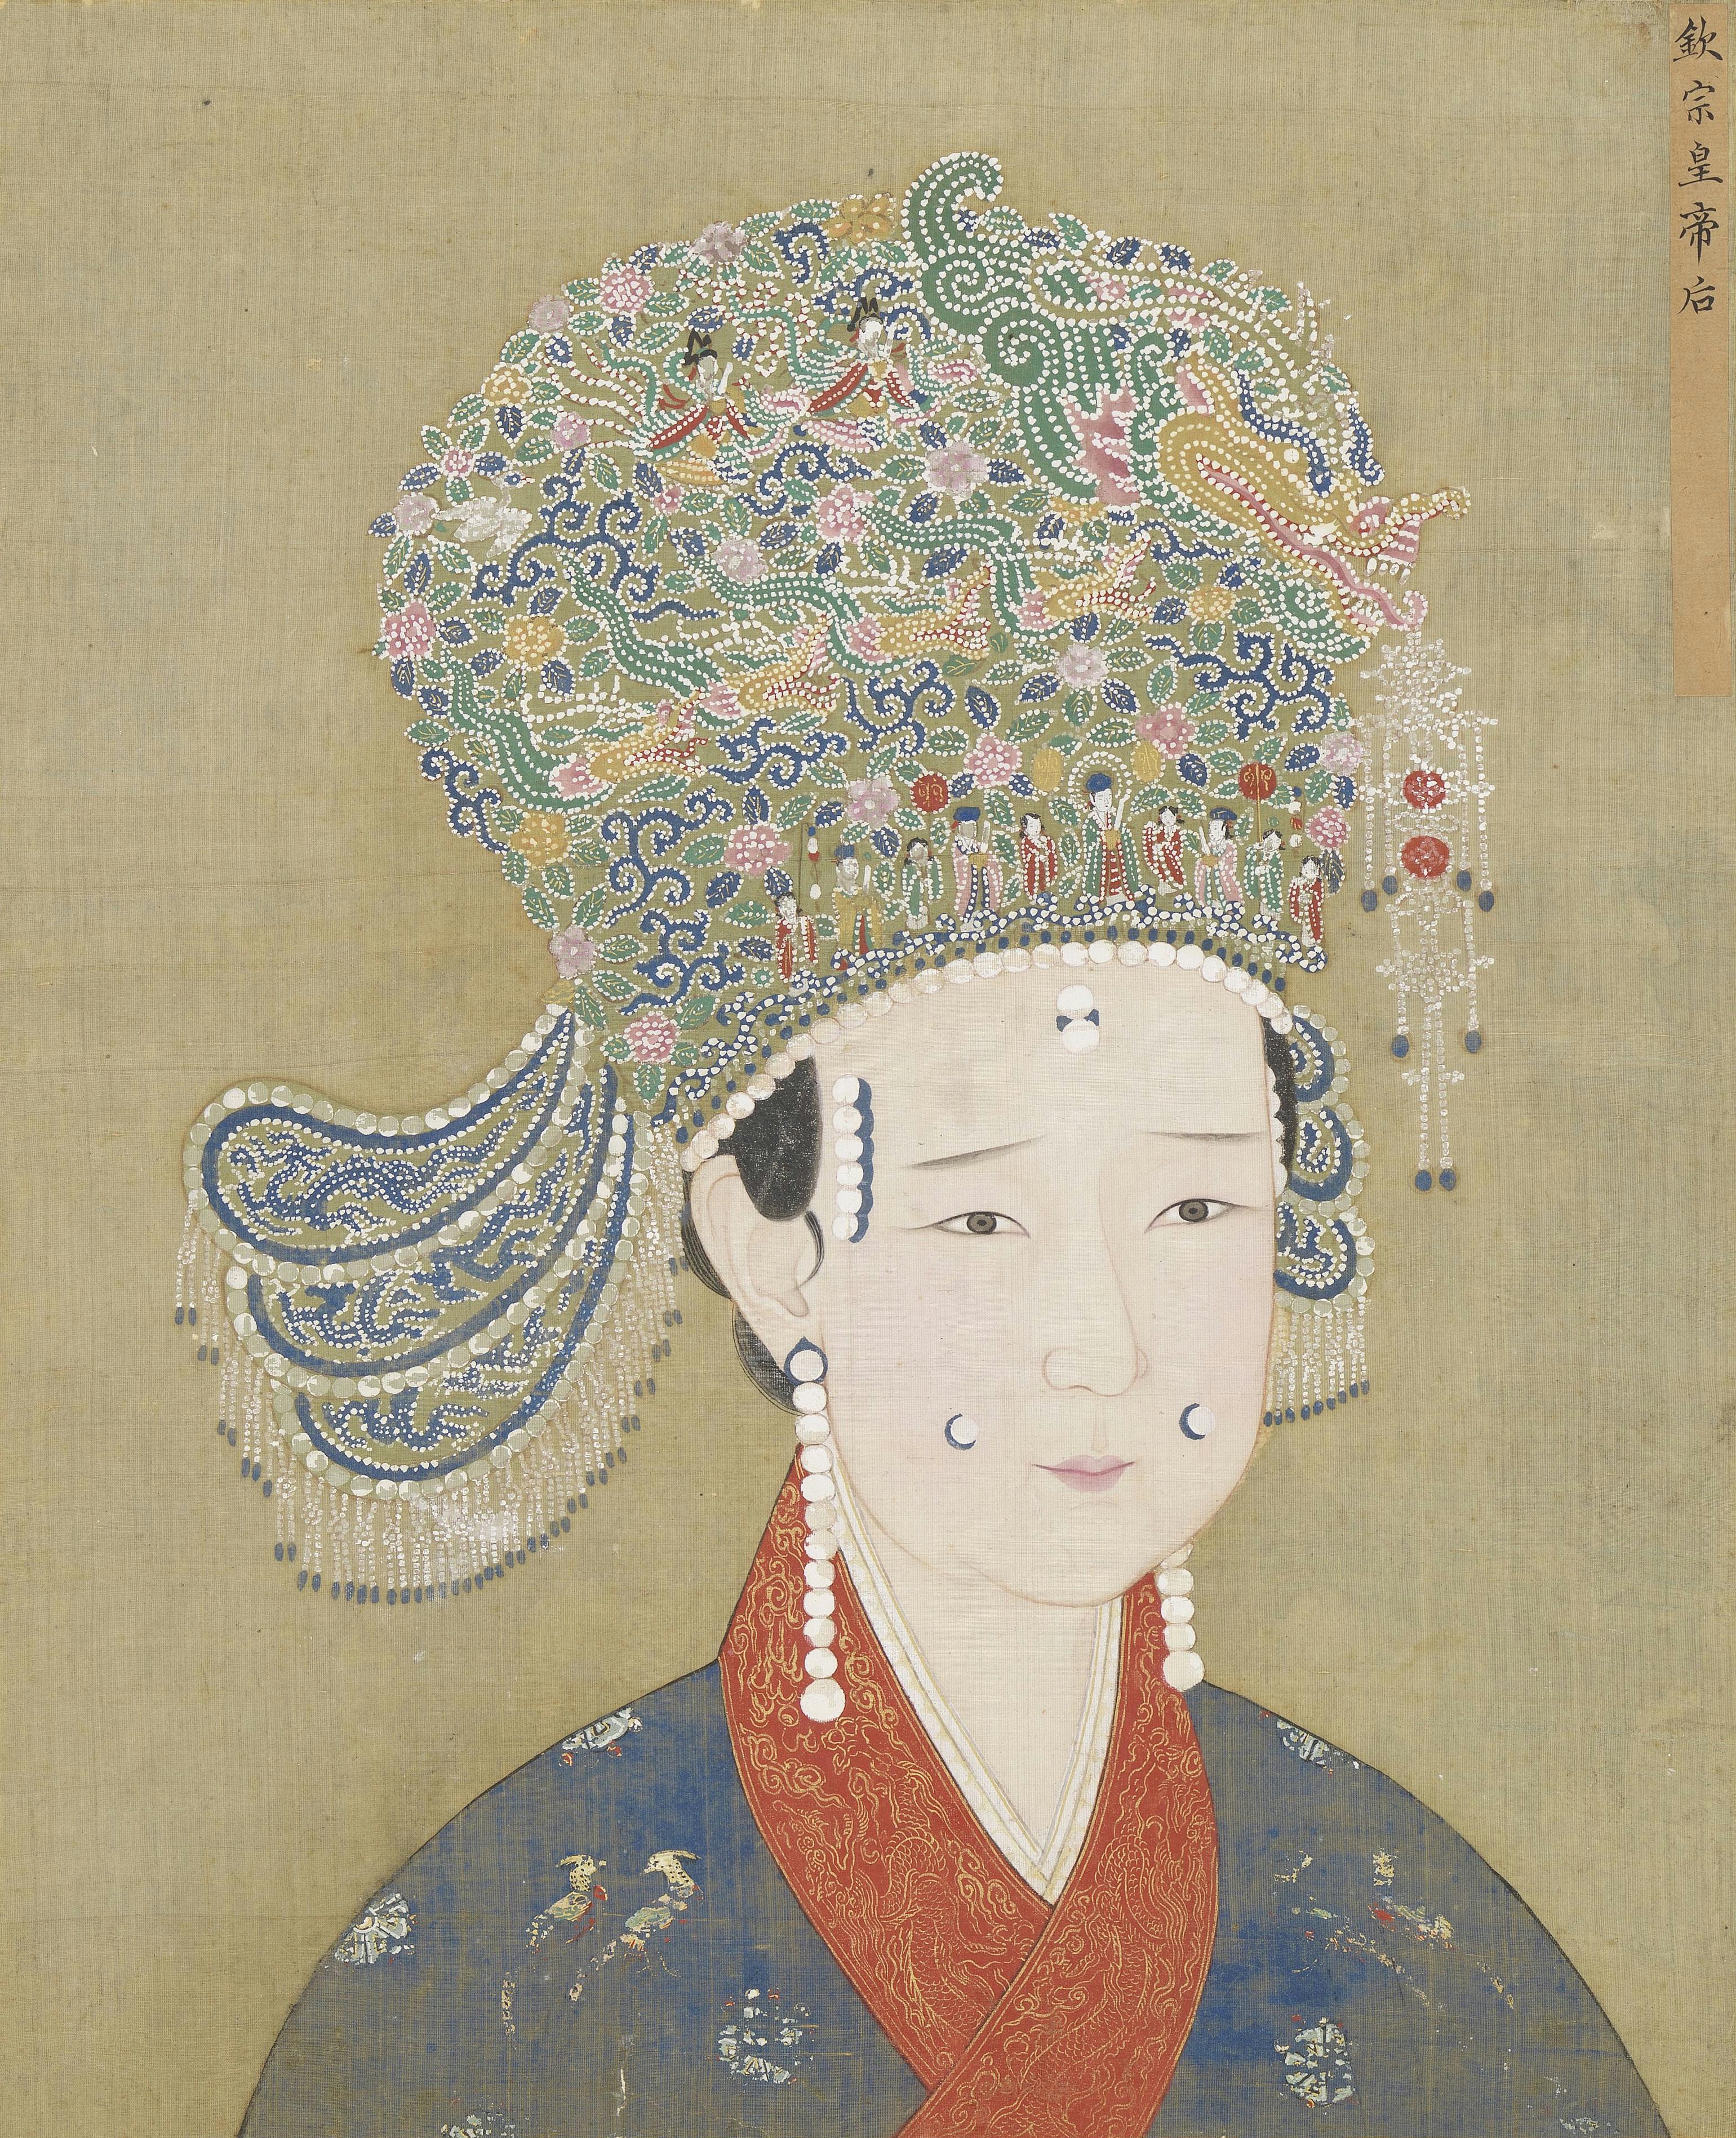 Retrato pictórico - Wikipedia, la enciclopedia libre